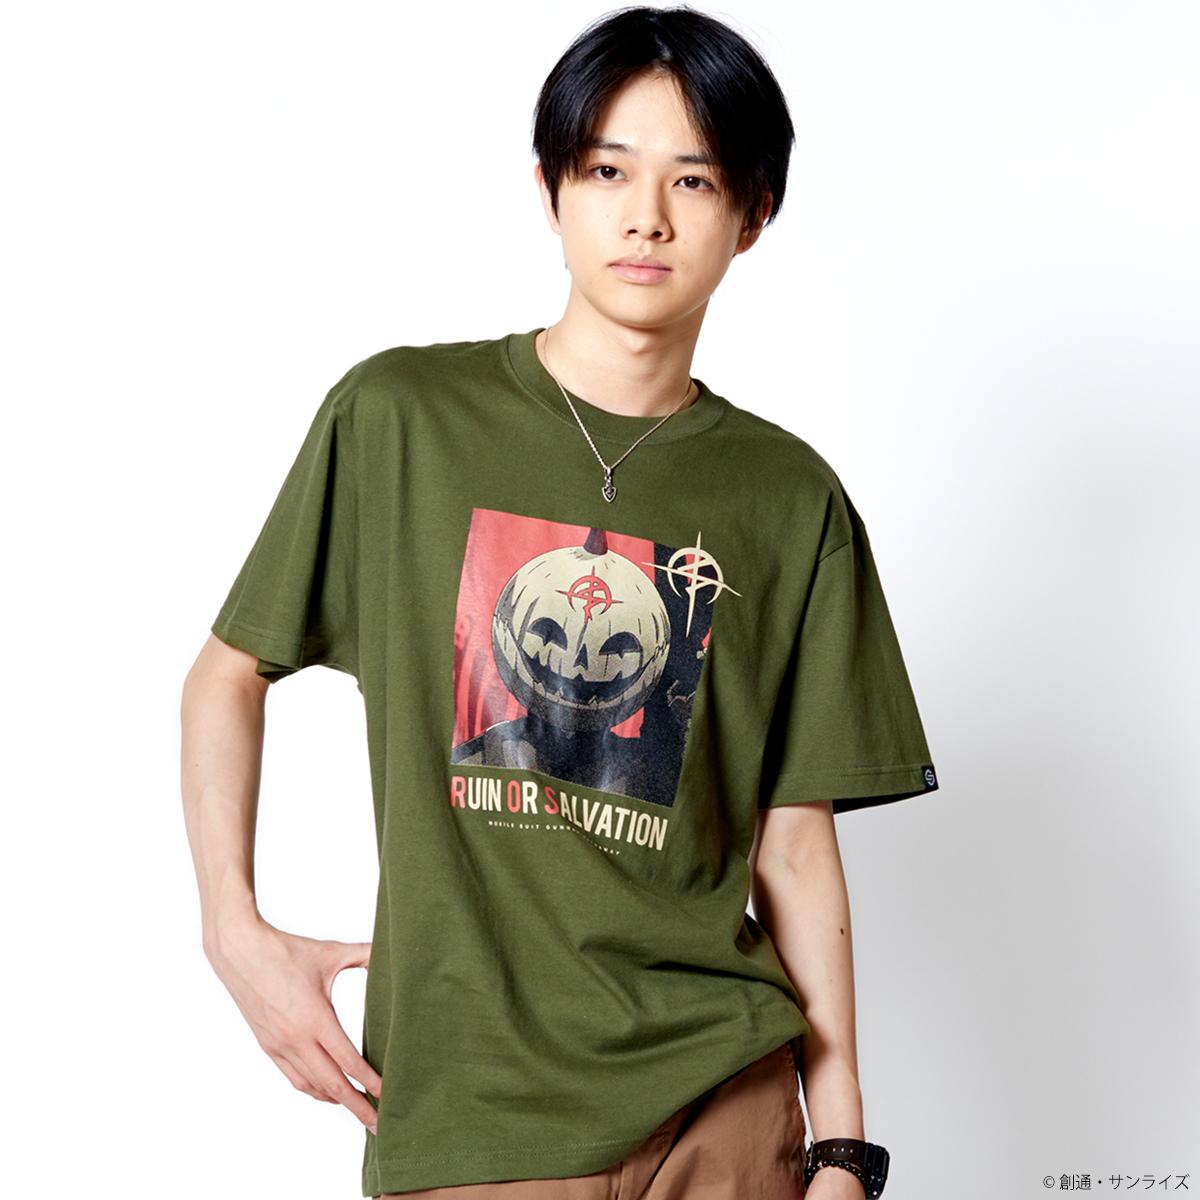 STRICT-G『機動戦士ガンダム 閃光のハサウェイ』 Tシャツ パンプキン